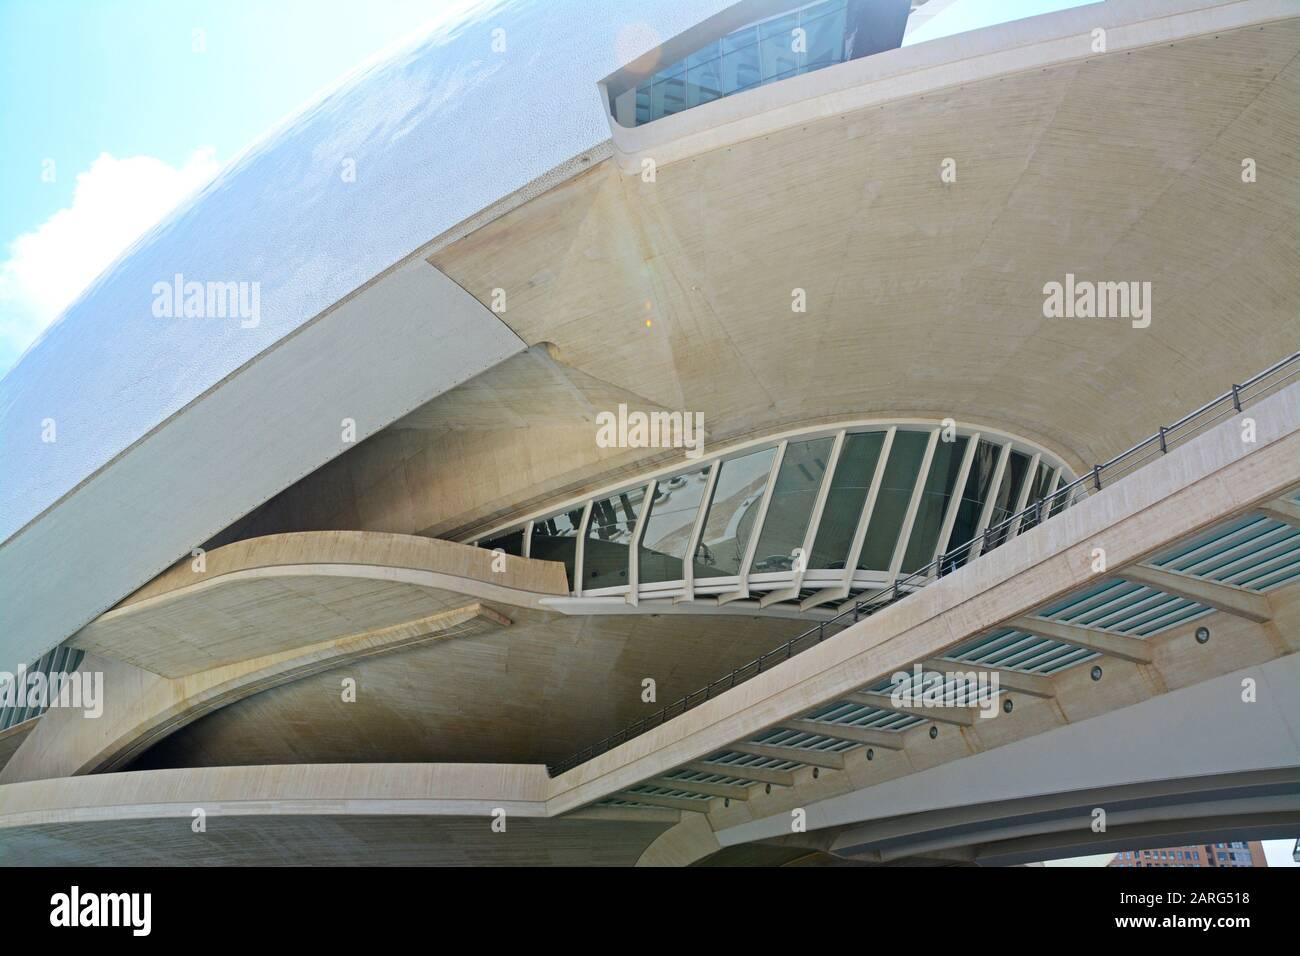 Palau de les Arts Reina Sofia. Détails. Ciudad de las Artes y las Ciencias, un complexe architectural, culturel et de divertissement conçu par Santiago Banque D'Images